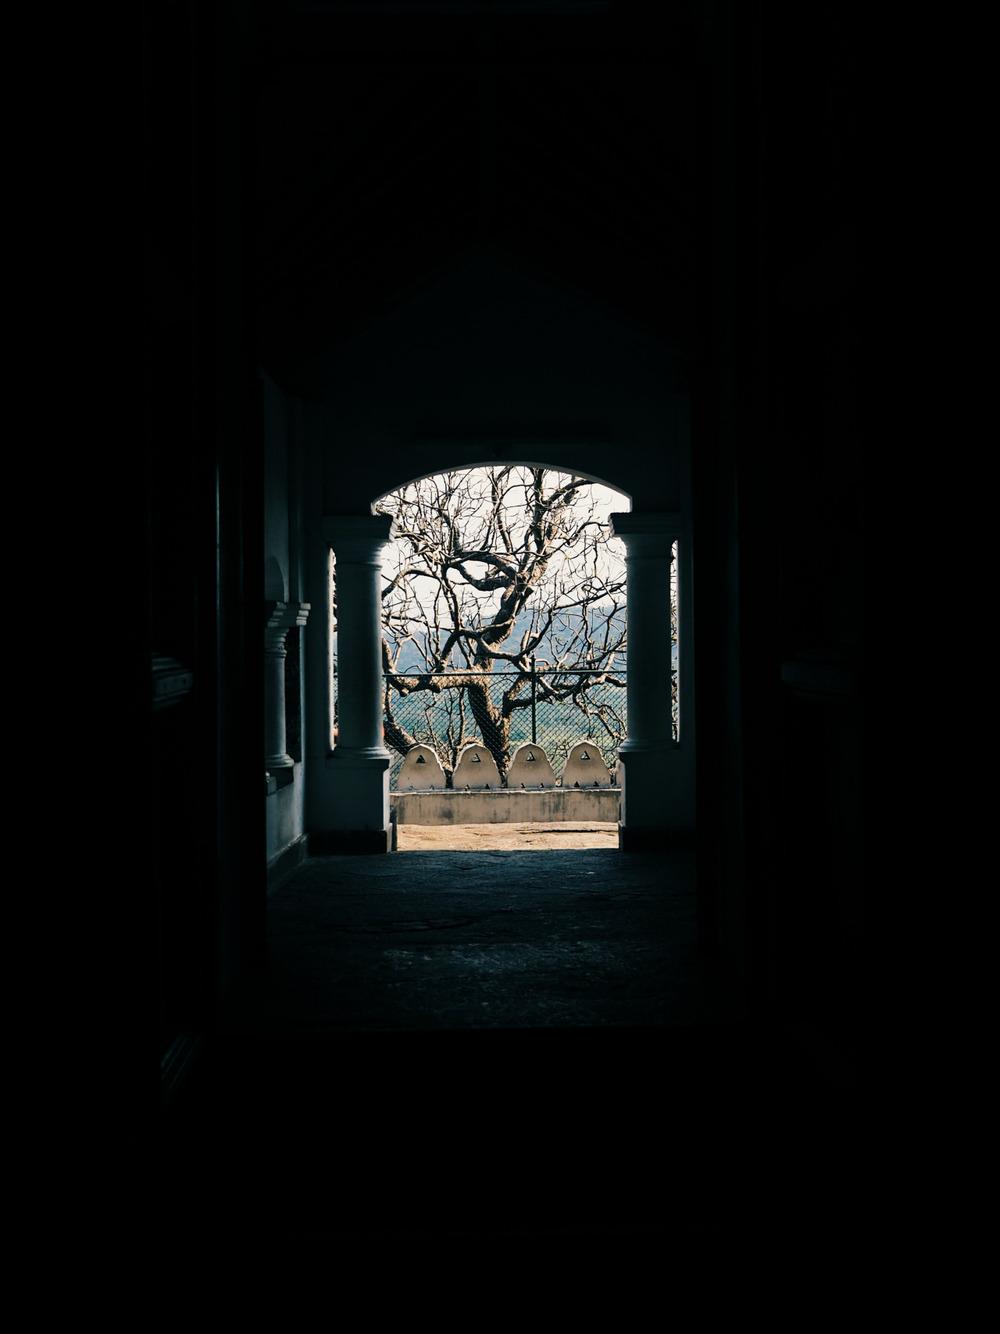 Light enters temple.